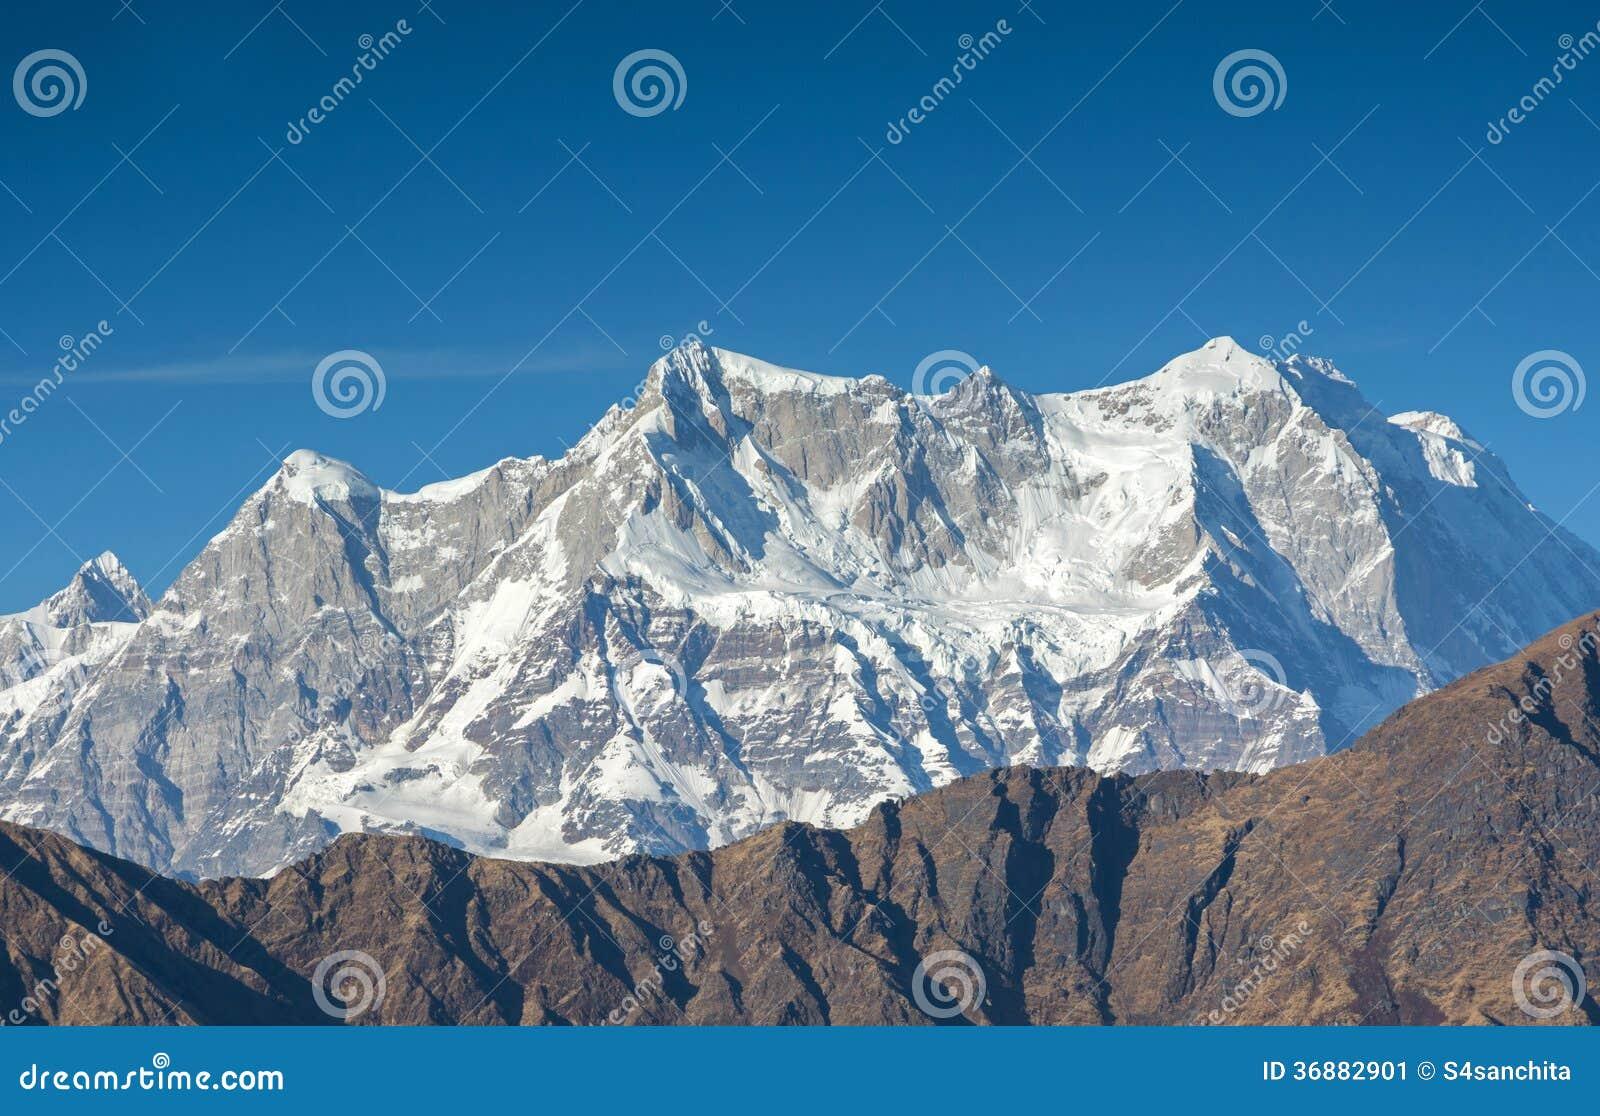 Download Picco placcato della neve immagine stock. Immagine di cielo - 36882901